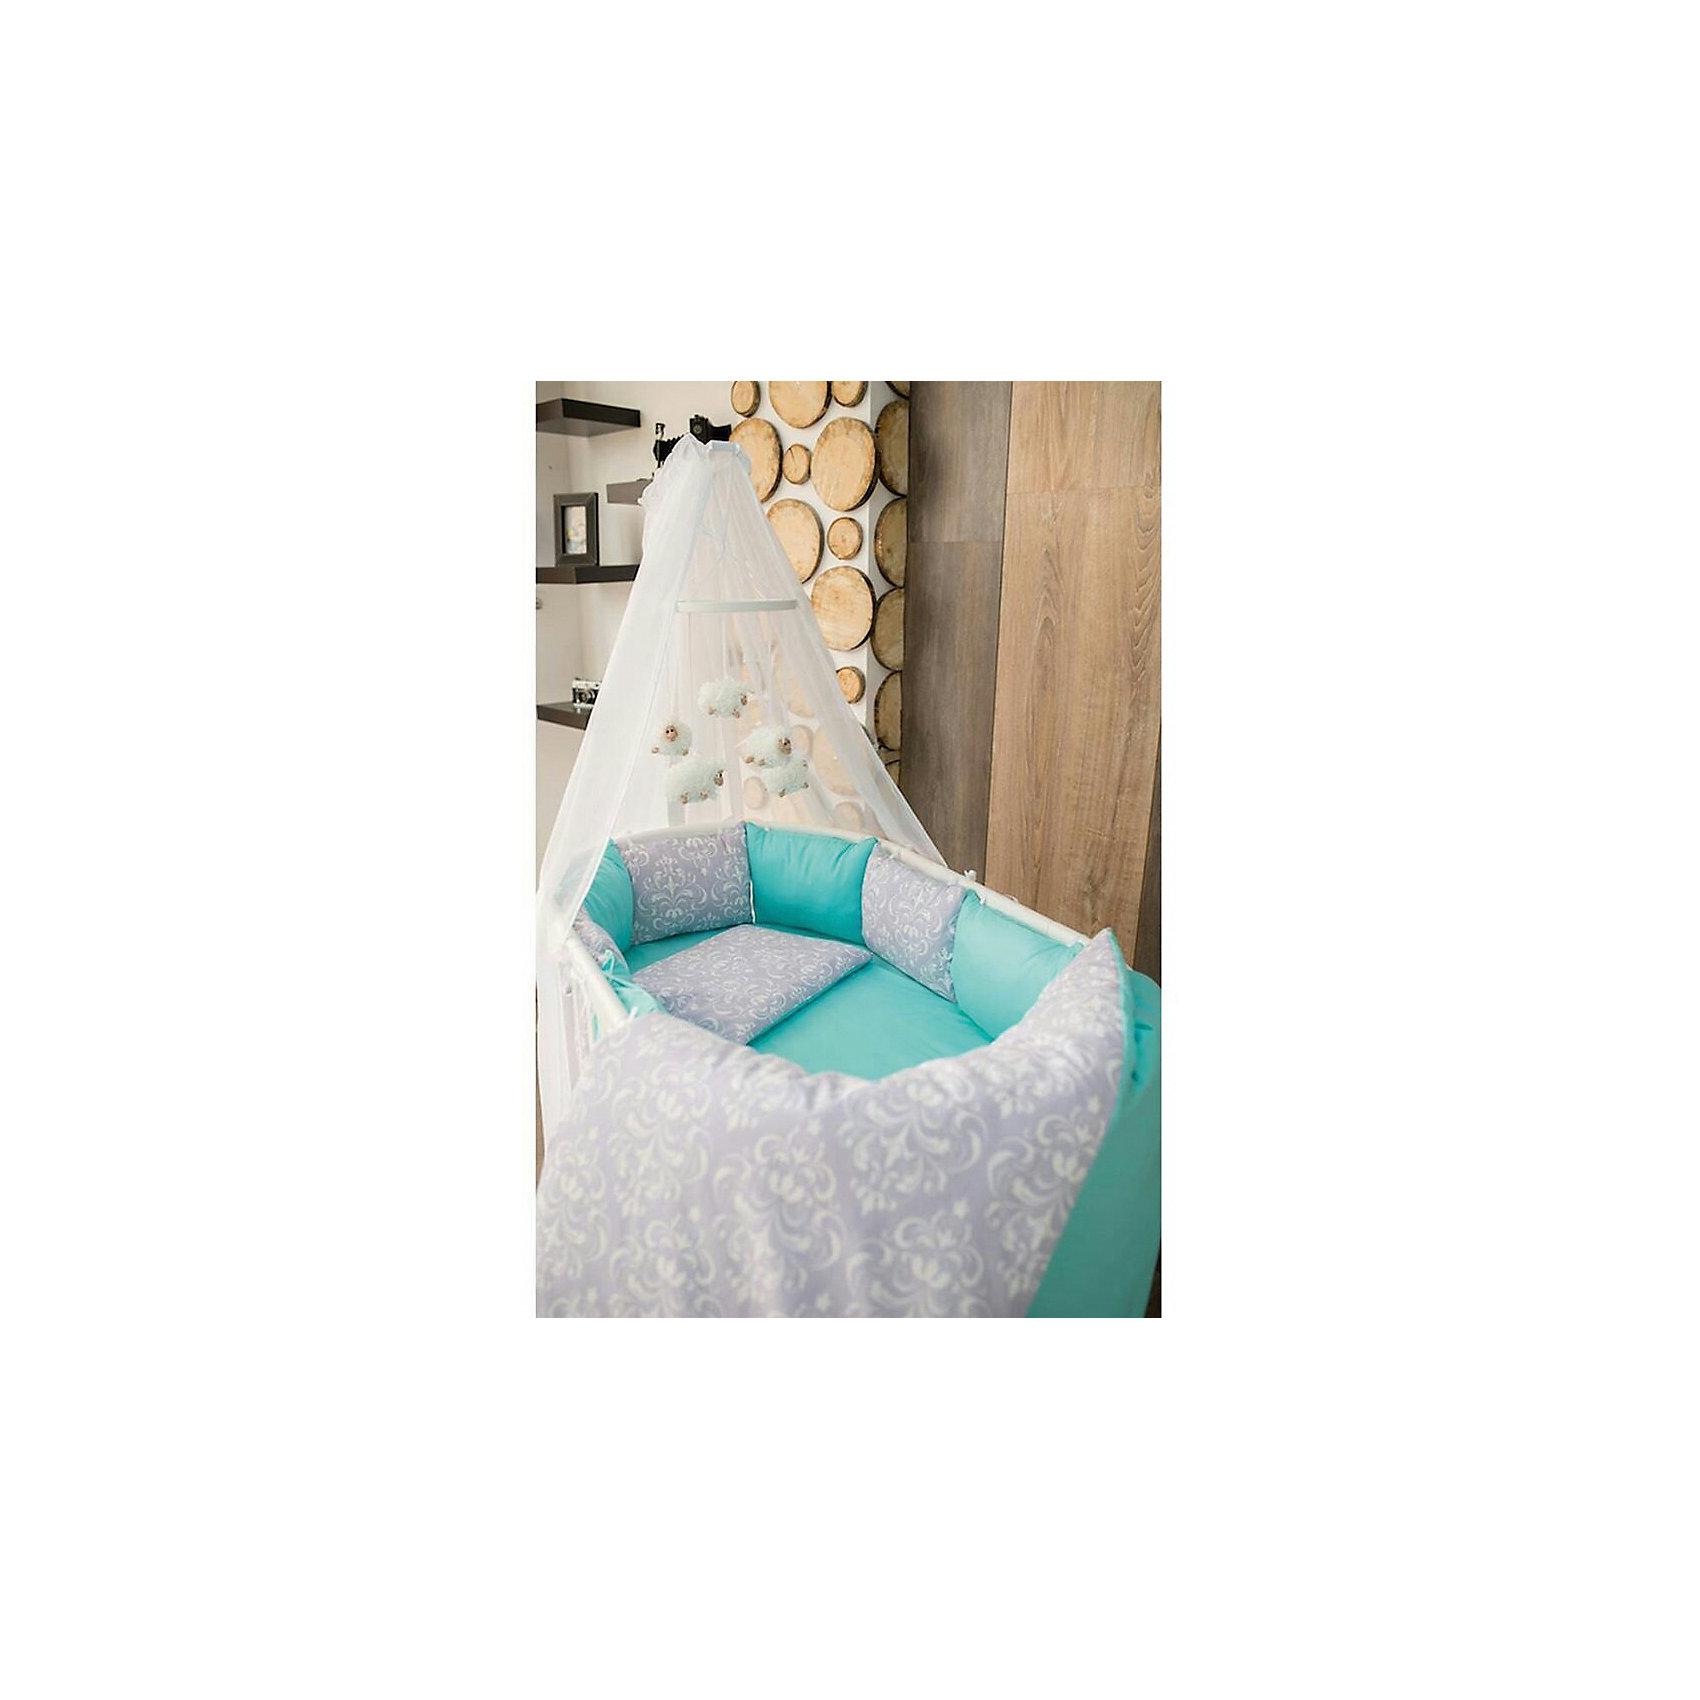 Постельное белье для круглых кроваток Дамаск, 7 предм., by Twinz , мятныйПостельное бельё<br>Характеристики:<br><br>• Материал: хлопок, 100% <br>• Тематика рисунка: цветы<br>• Комплектация: <br> пододеяльник 105*145 см – 1 шт. <br> одеяло на холлофайбере 100*140 см – 1 шт. <br> простынь на резинке 70*80 см – 1 шт. <br> простынь на резинке 70*120 см – 1 шт. <br> наволочка 36*46 см – 1 шт. <br> подушка на холлофайбере 35*45 см – 1 шт. <br> бортики в виде подушек с завязками – 10 шт.<br>• Вес комплекта: 3 кг<br>• Размеры упаковки (Д*В*Ш): 58*58*18 см<br>• Особенности ухода: машинная стирка на щадящем режиме <br><br>Постельное белье представляет собой расширенную комплектацию – одеяло и подушка, пододеяльник, простыни и наволочка, бортики. Размеры изделий предназначены для детской кроватки круглой или овальной формы. <br><br>Постельное белье изготовлено из натурального хлопка, который обеспечивает комфорт и удобство для сна. Натуральная ткань обладает высокими гигиеническими свойствами и повышенной износоустойчивостью. Предусмотренные на простыни резинка и застежка на пододеяльнике позволяют изделиям надежно фиксироваться. <br><br>В комплекте предусмотрены бортики в виде подушек, которые оснащены съемными наволочками с завязками. Постельное белье для круглых кроваток Дамаск, 7 предм., by Twinz, мятный выполнено в брендовом дизайне с растительным принтом. <br><br>Постельное белье для круглых кроваток Дамаск, 7 предм., by Twinz, мятный можно купить в нашем интернет-магазине.<br><br>Ширина мм: 580<br>Глубина мм: 580<br>Высота мм: 180<br>Вес г: 3000<br>Возраст от месяцев: 0<br>Возраст до месяцев: 36<br>Пол: Унисекс<br>Возраст: Детский<br>SKU: 6765397